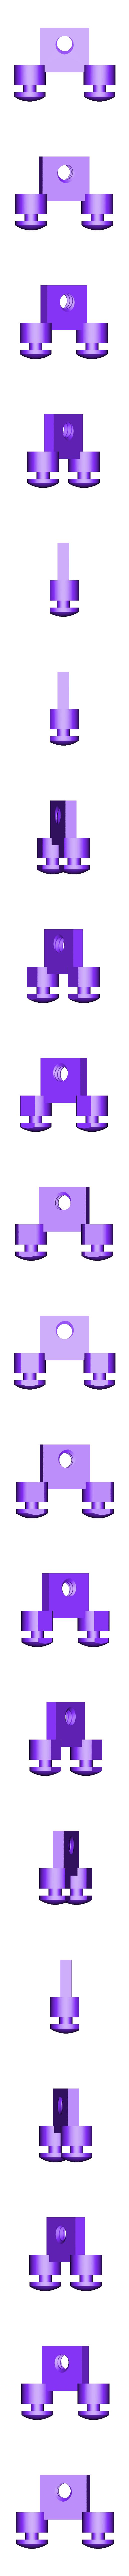 rear_bumper_no_supports.stl Télécharger fichier STL Jeu de construction de locomotives de train miniature • Plan imprimable en 3D, kozakm